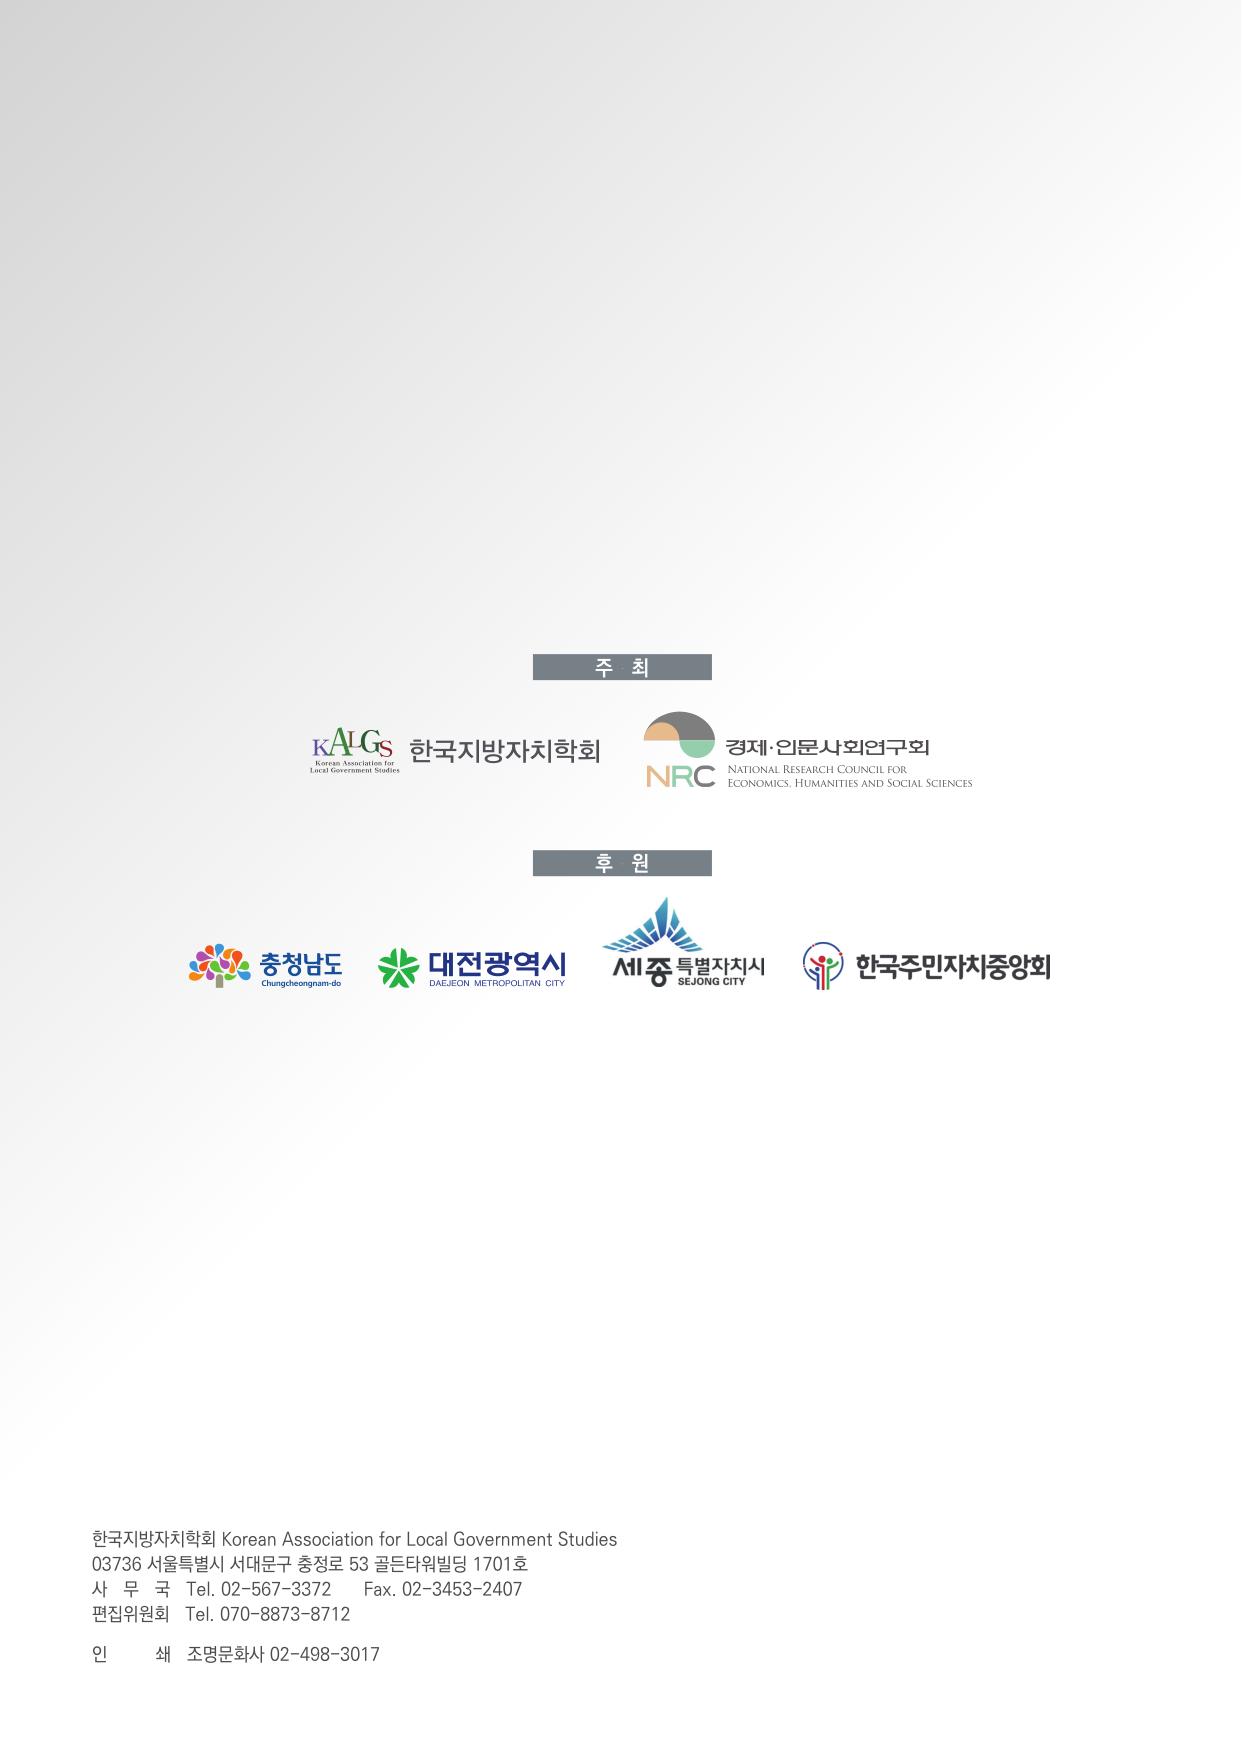 초청장_동계학술대회_한국지방자치학회(최종본)-24.jpg